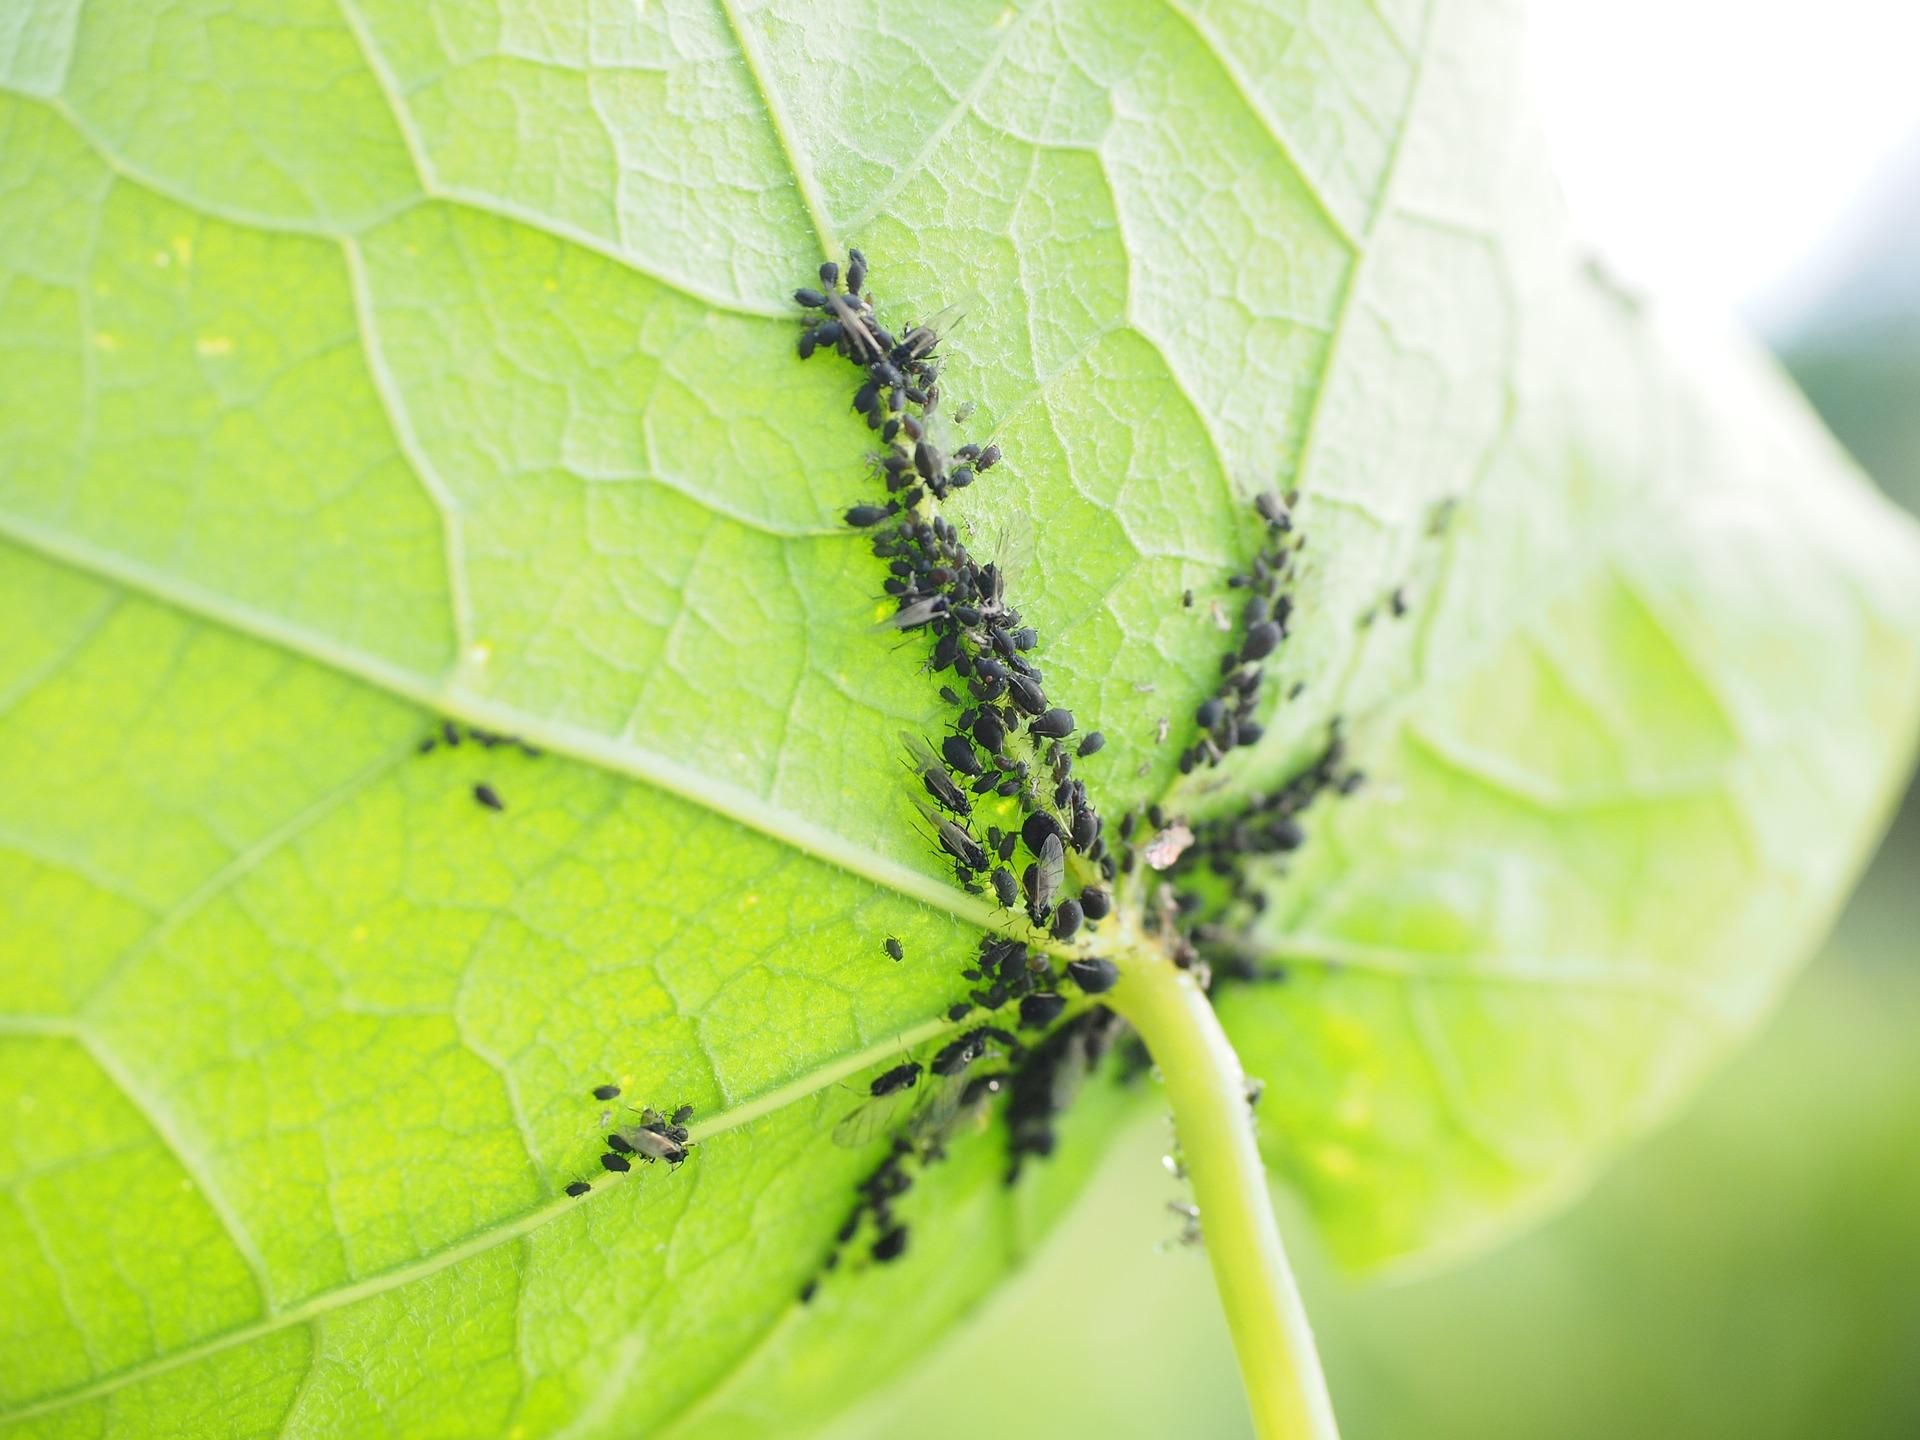 eliminare i parassiti in giardino